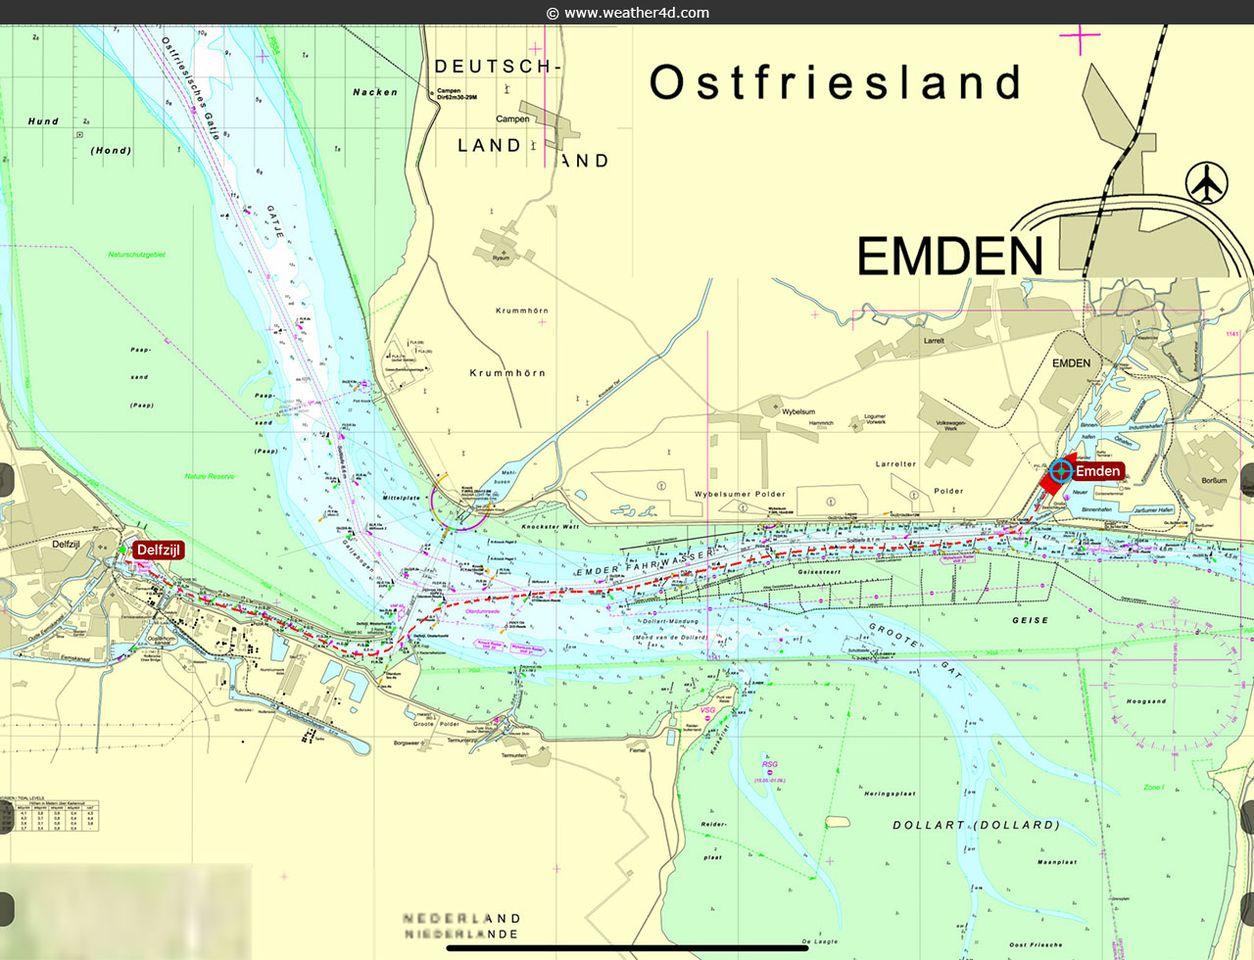 Delfzijl - Emden